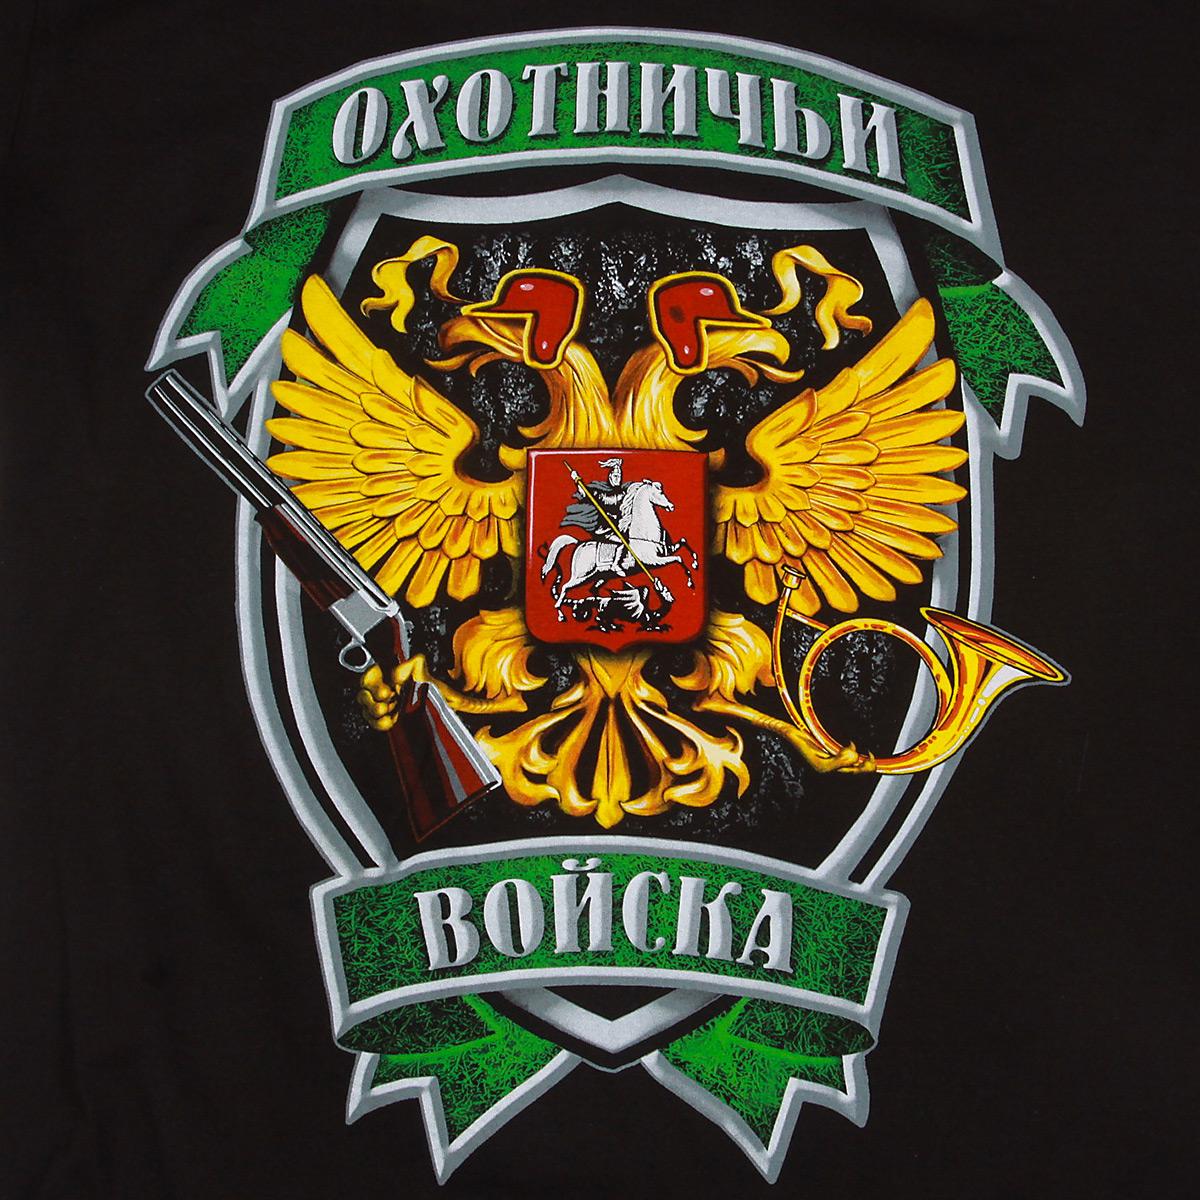 Футболка Охотничьи войска с цветным принтом